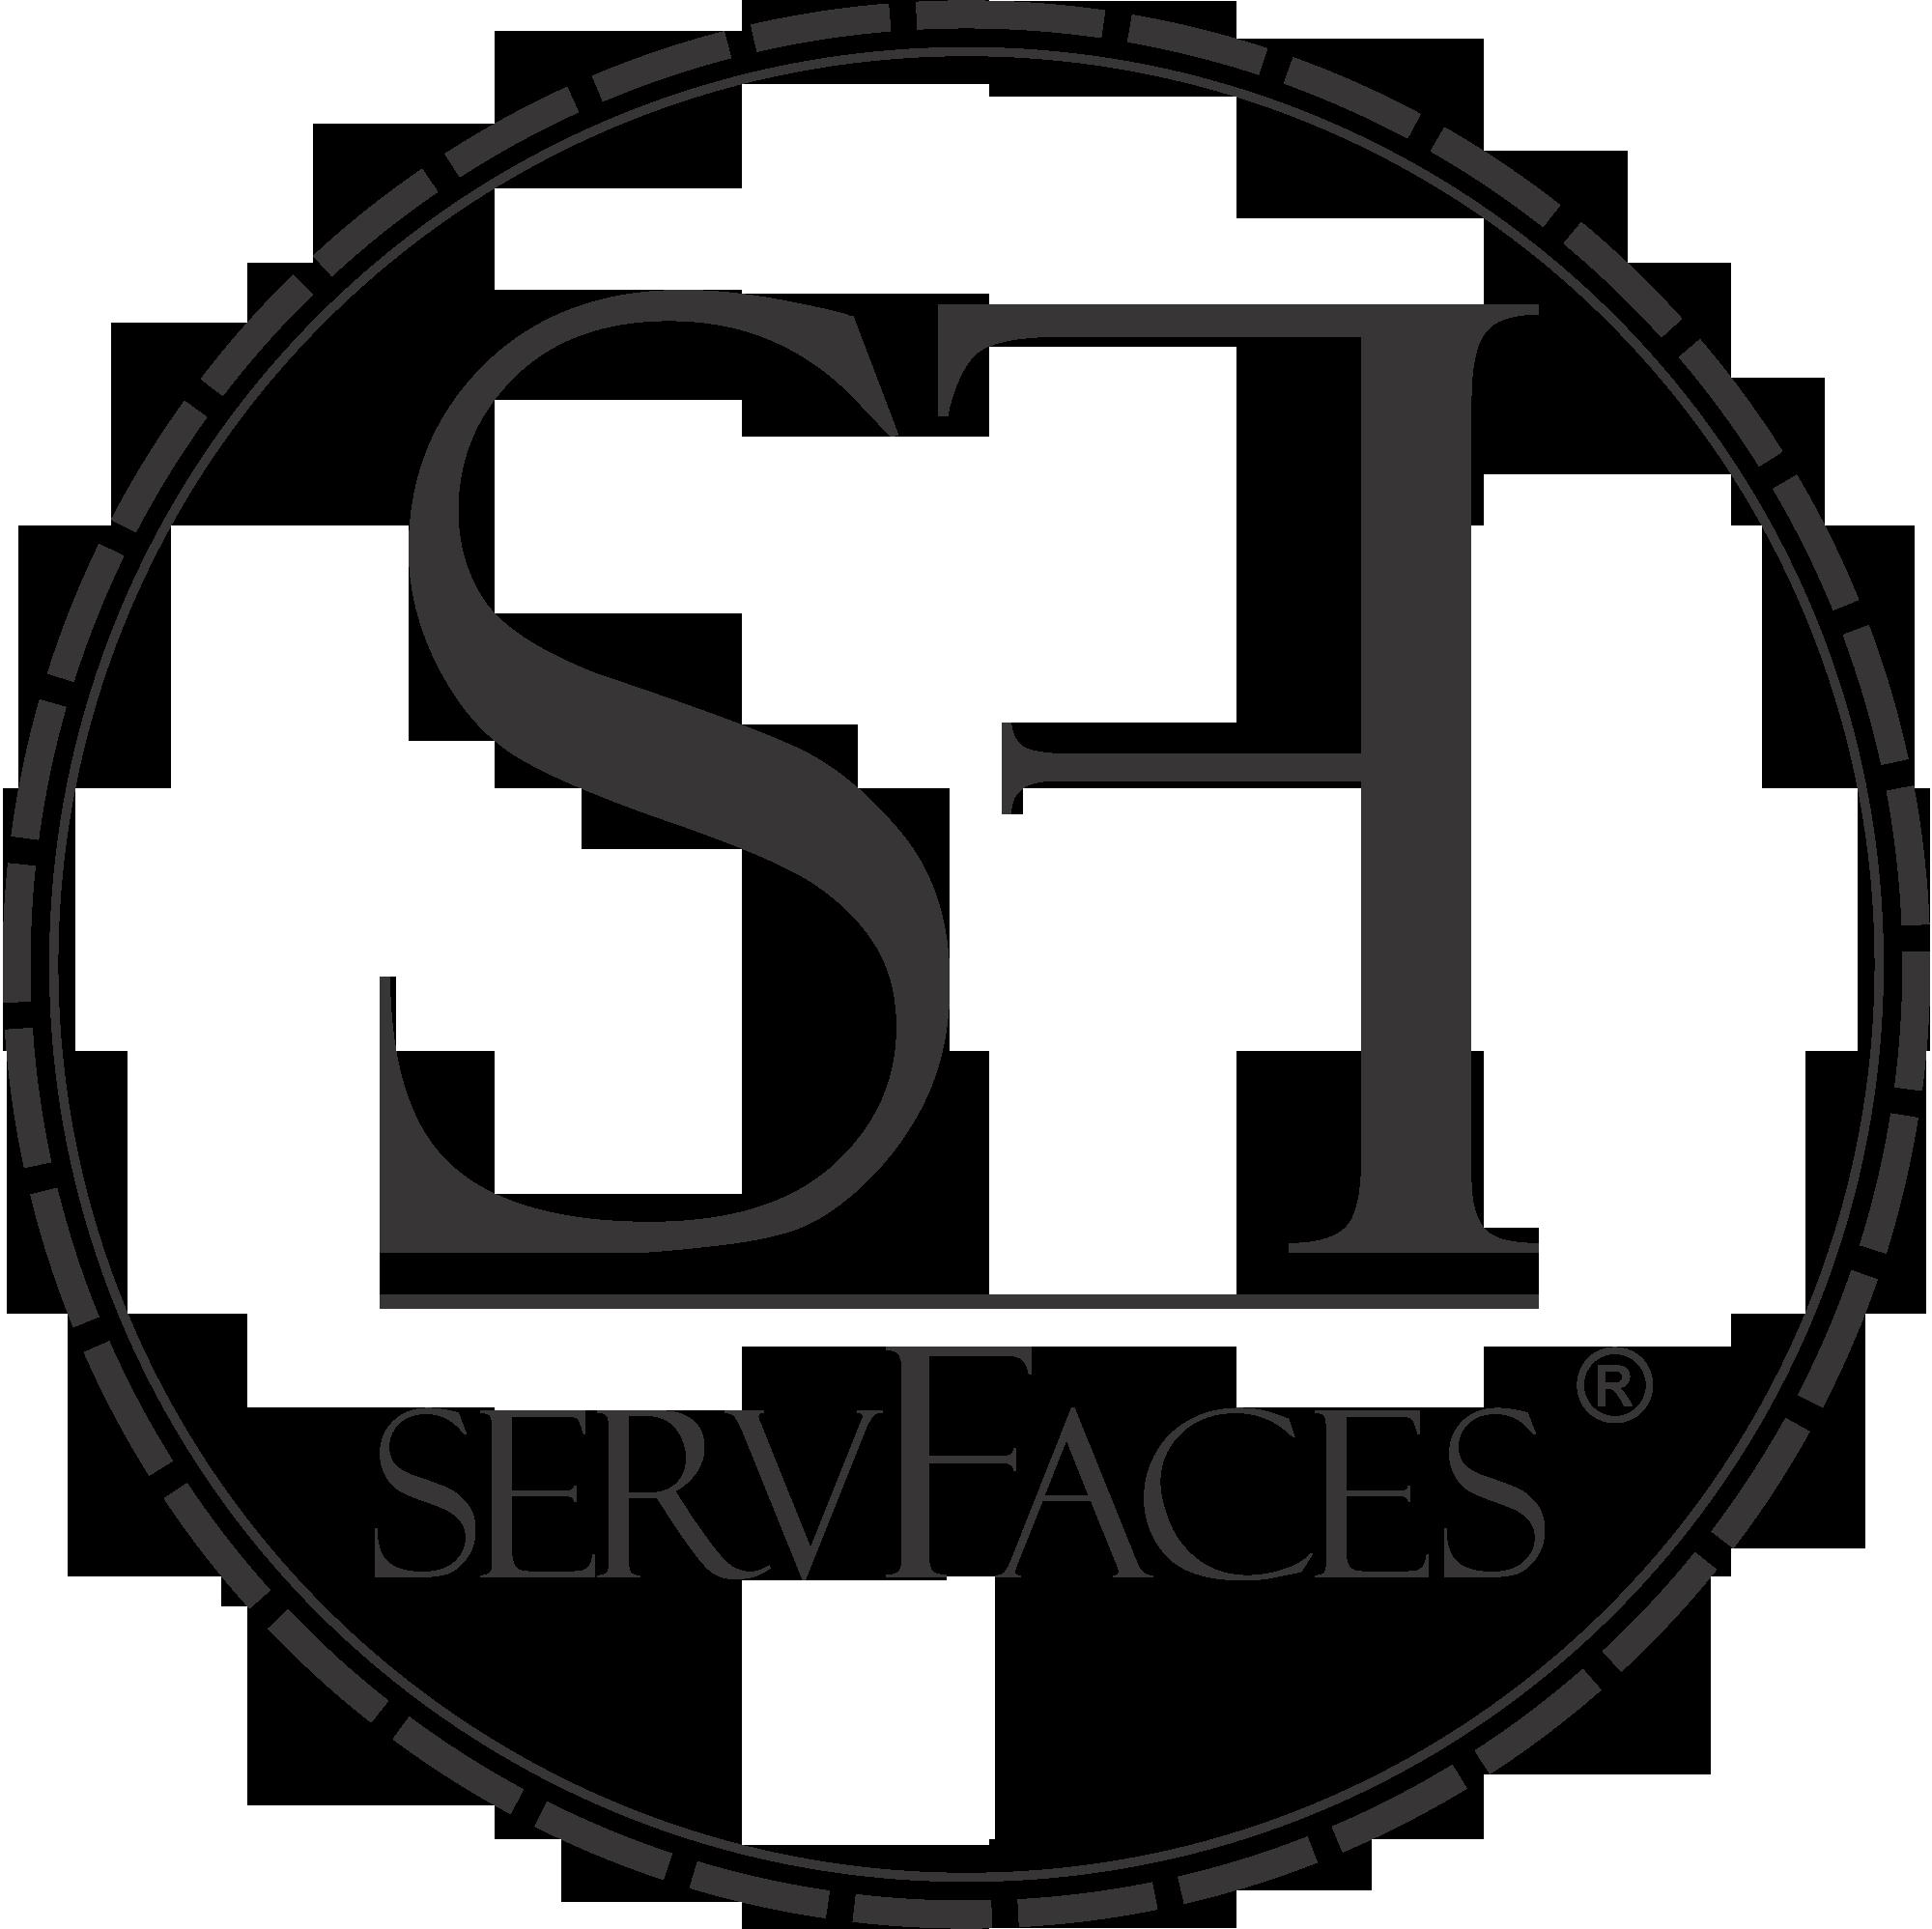 servFaces GmbH